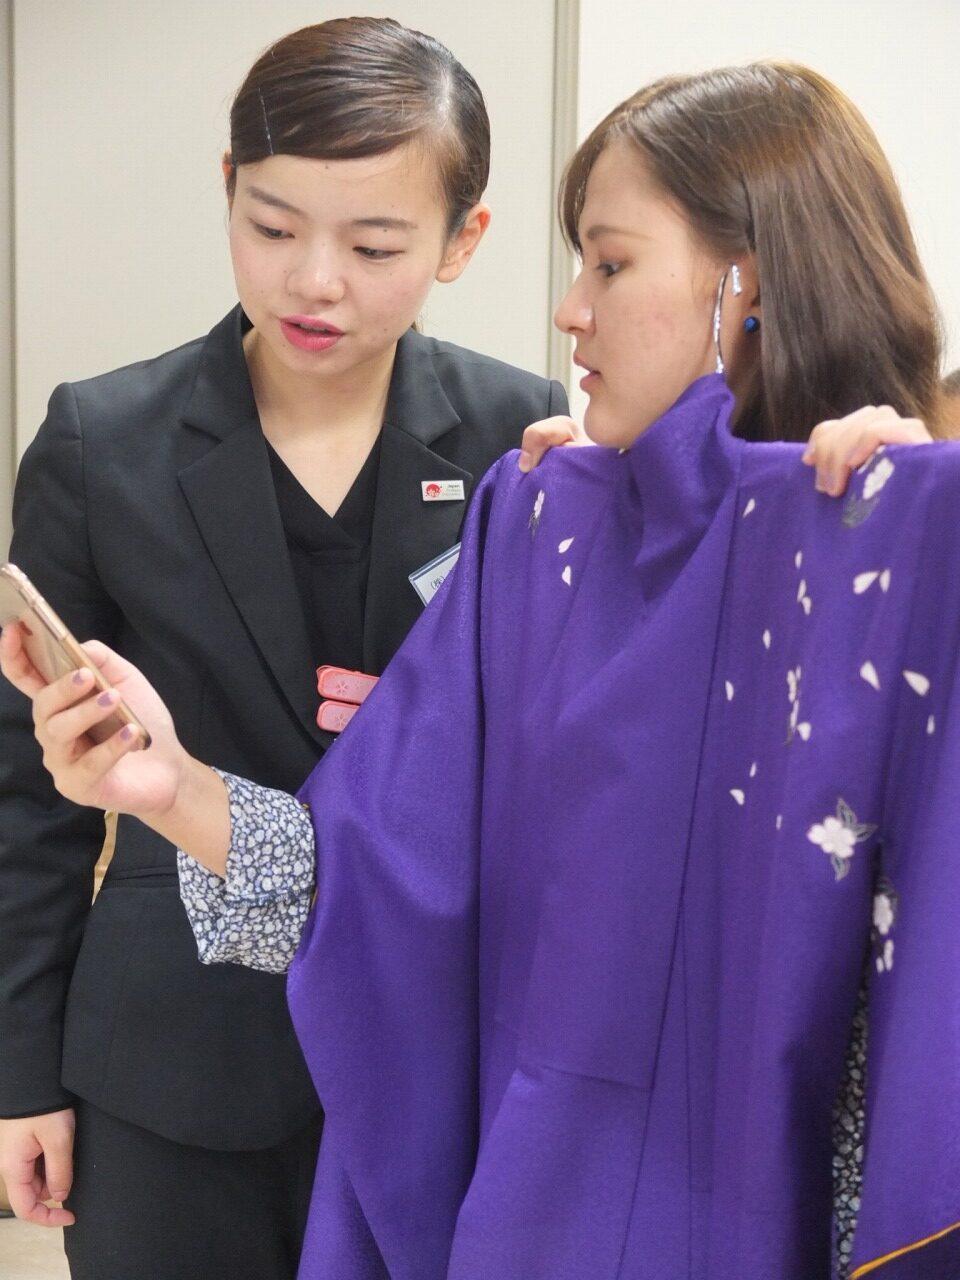 これと似たような色合いの袴はありますか?